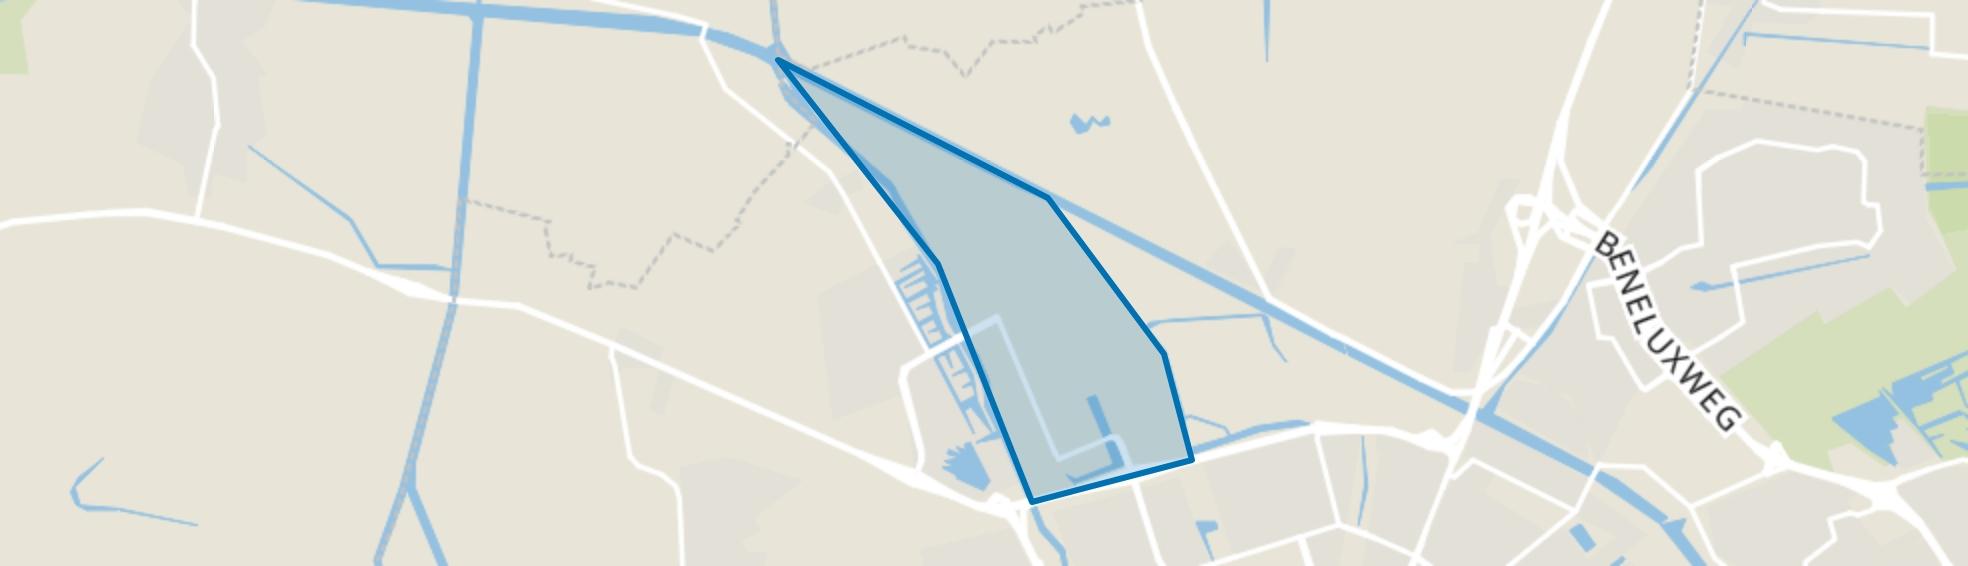 Zernike Campus, Groningen map